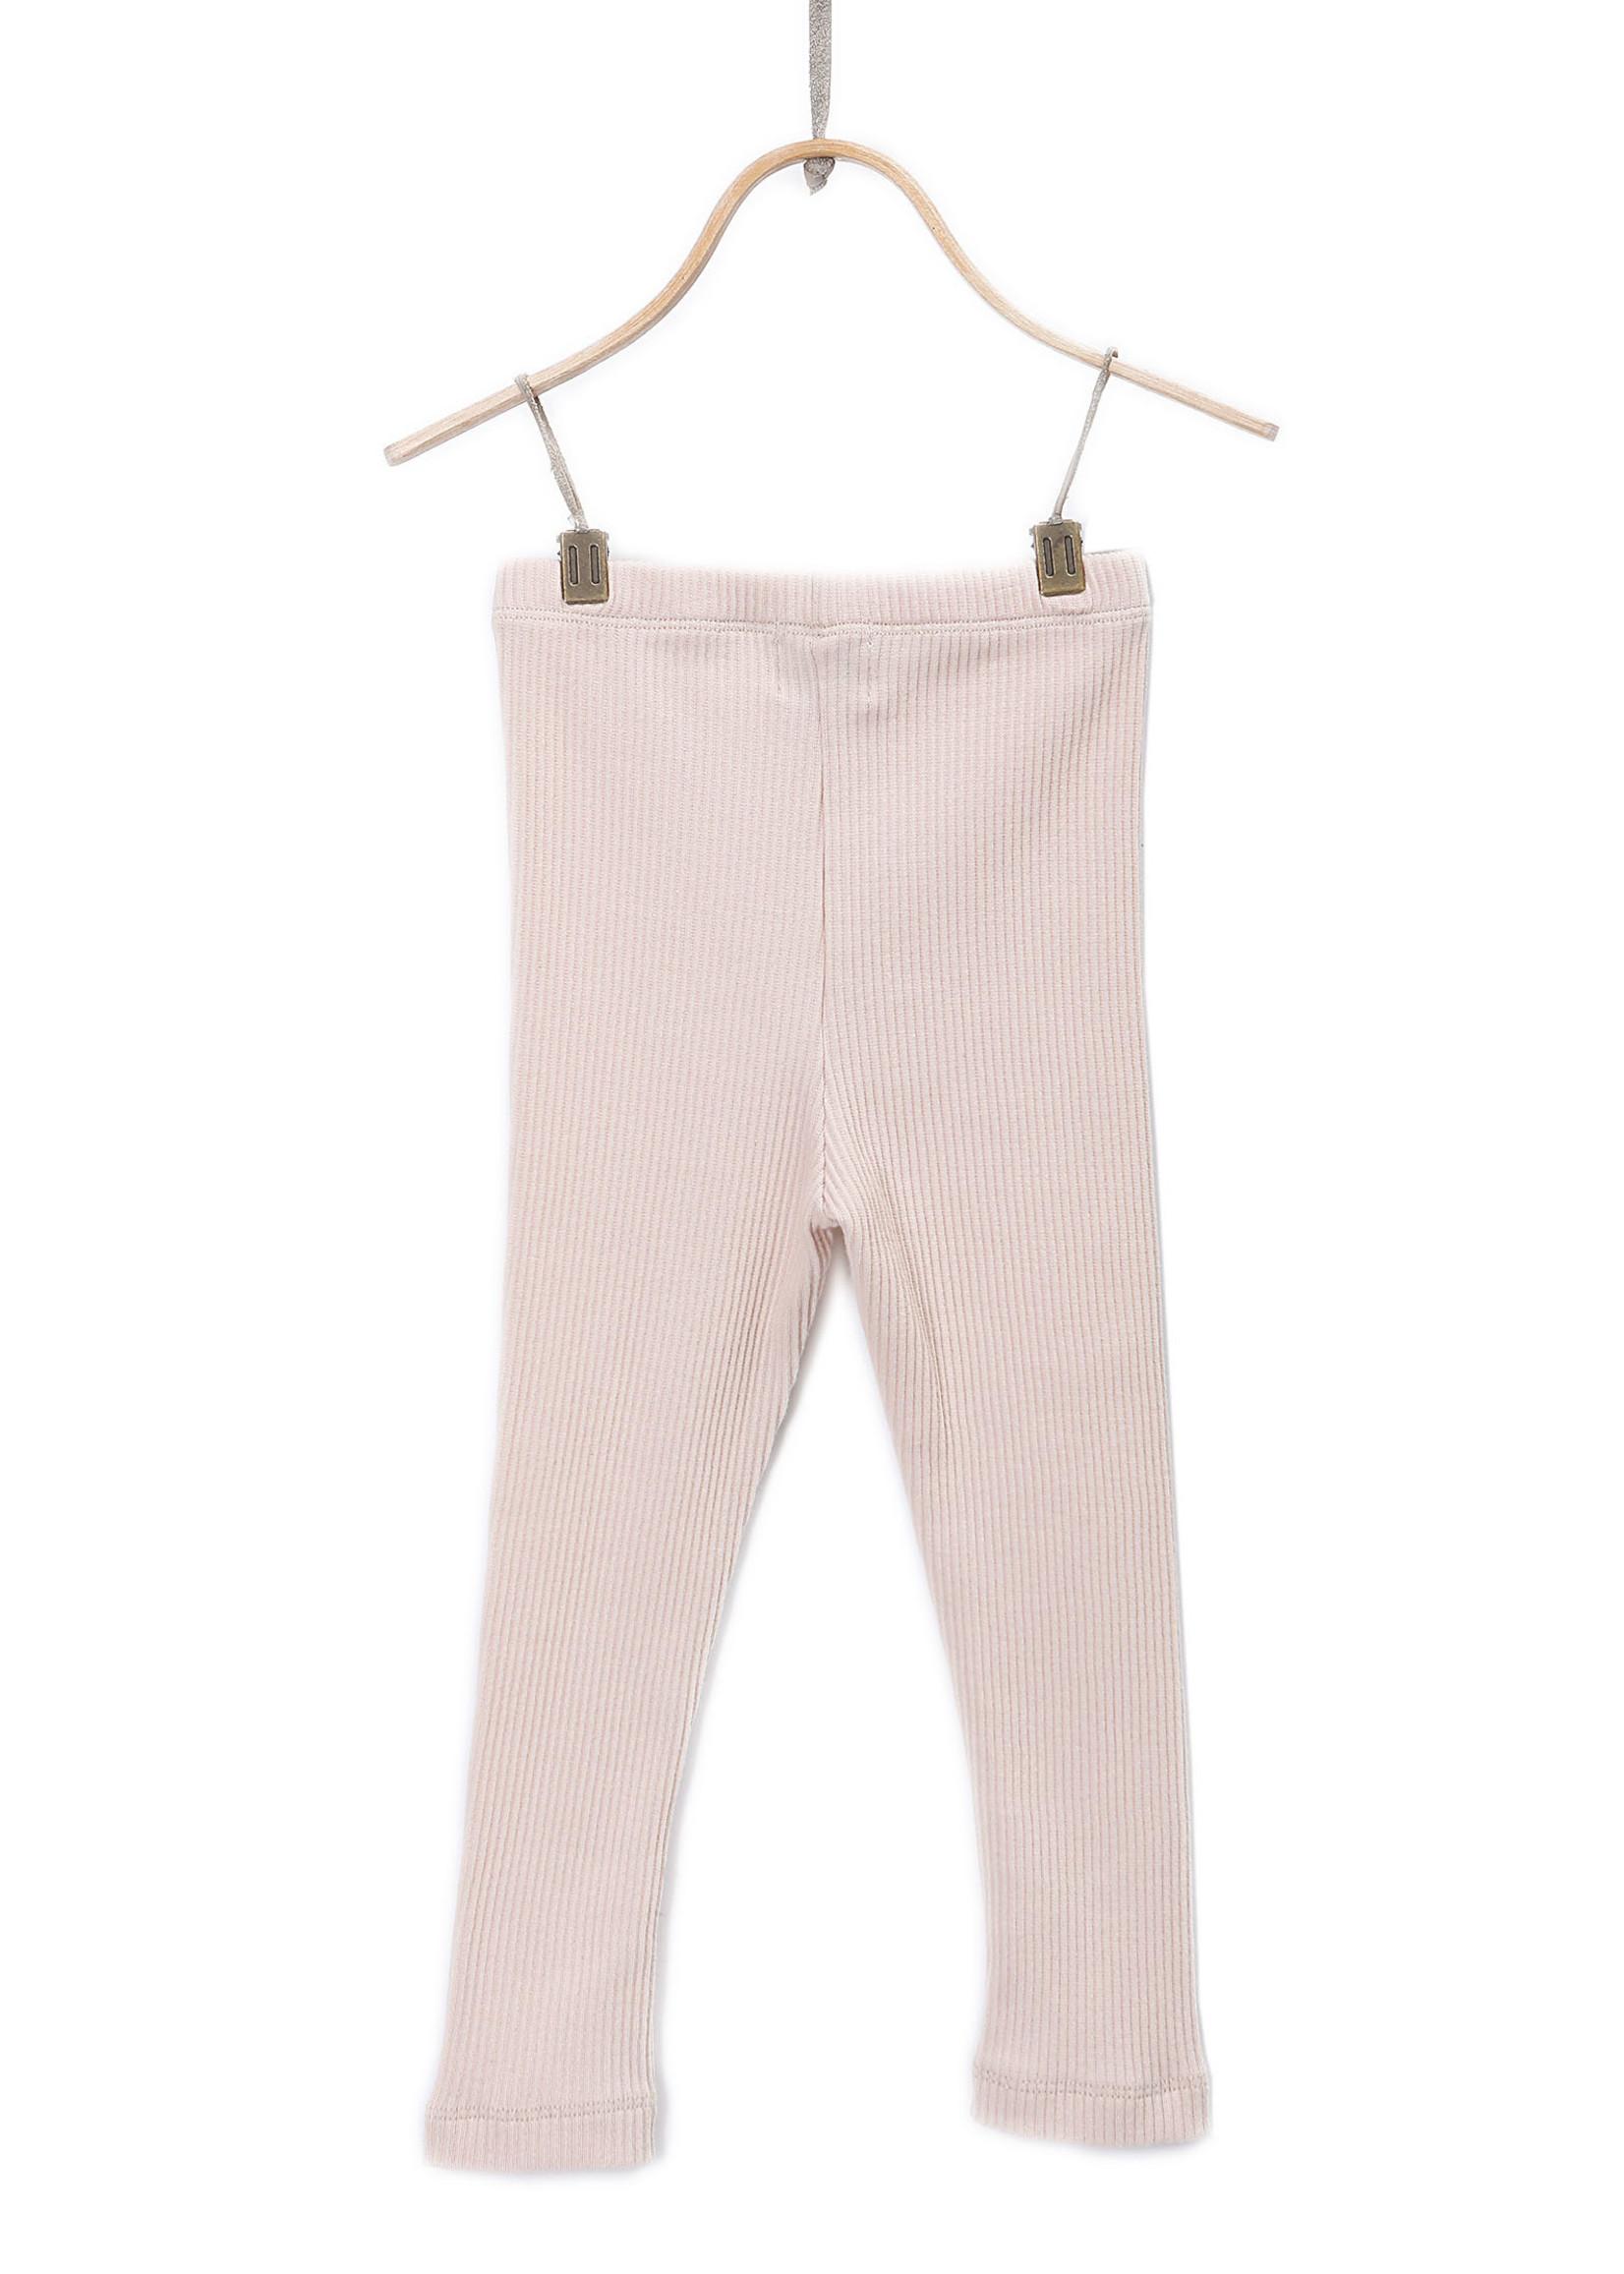 Donsje Amsterdam Lucy Leggings - Shell Pink